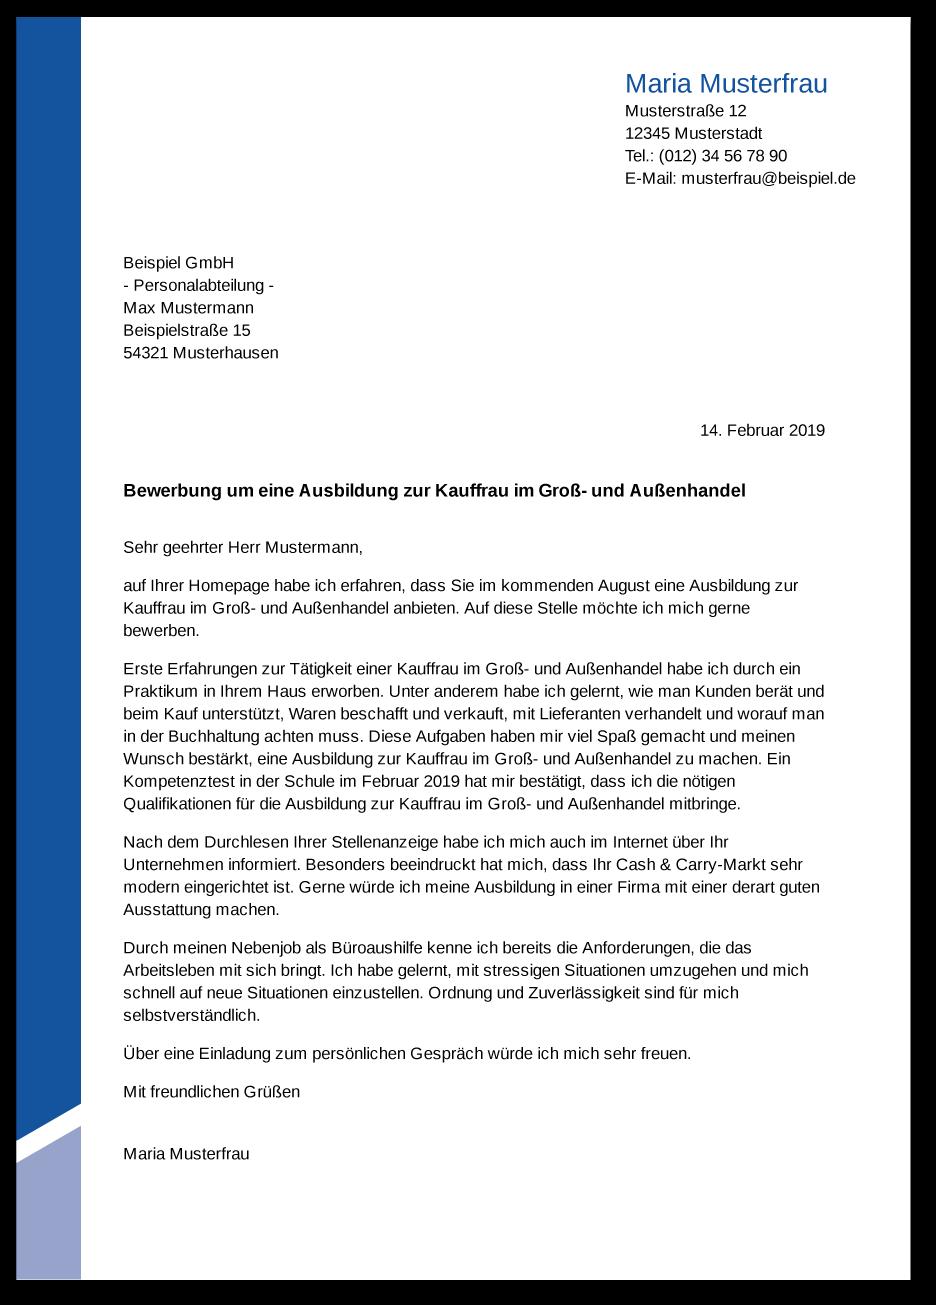 Die Bewerbung zur Ausbildung Kaufmann im Groß  und Außenhandel ...